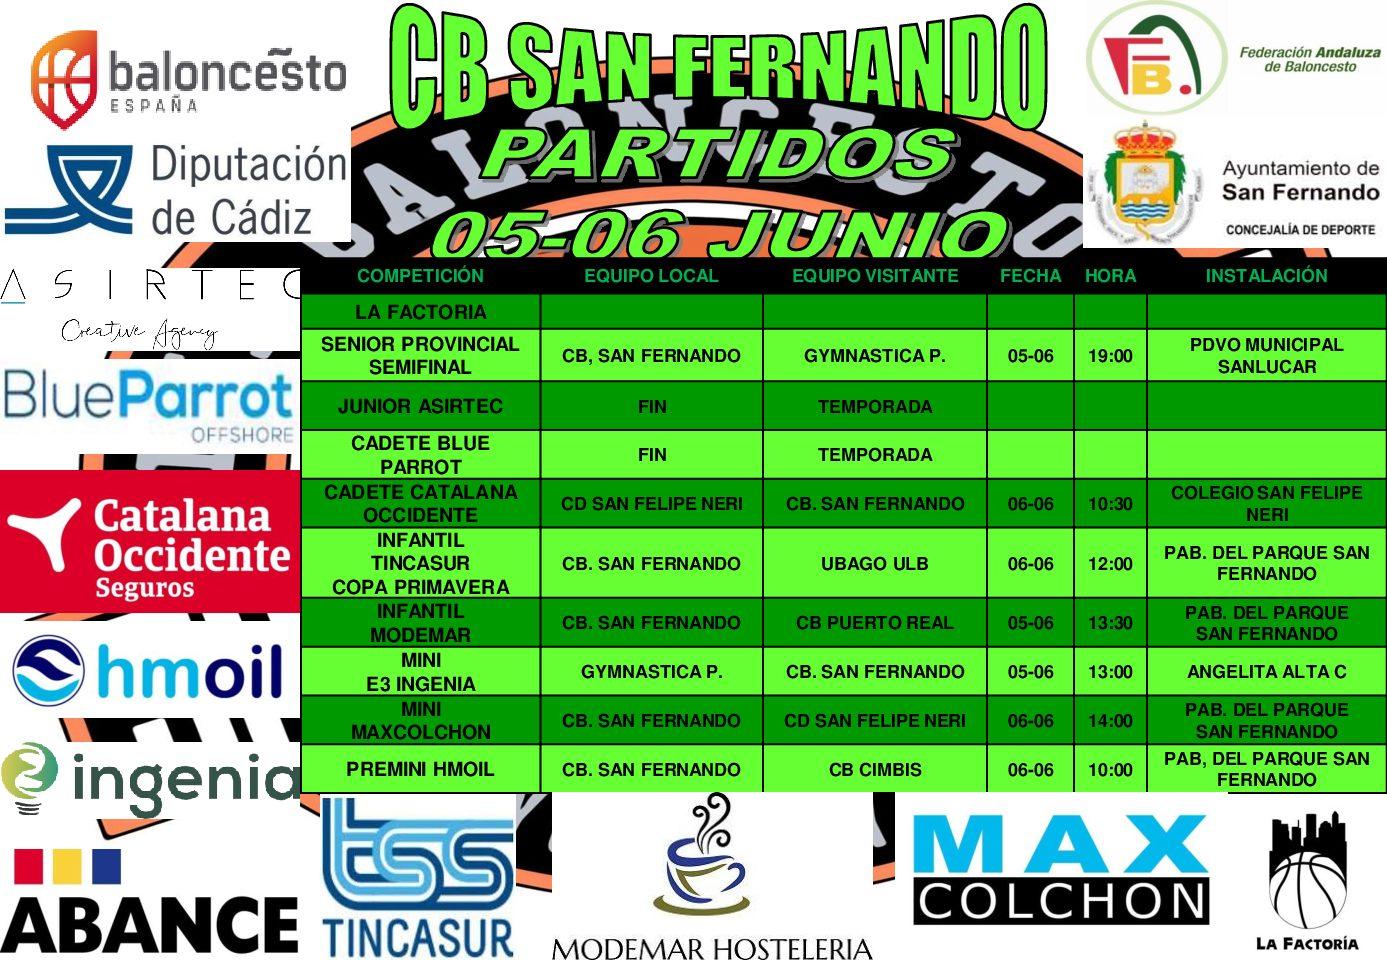 PARTIDOS FIN DE SEMANA 5-6 DE JUNIO